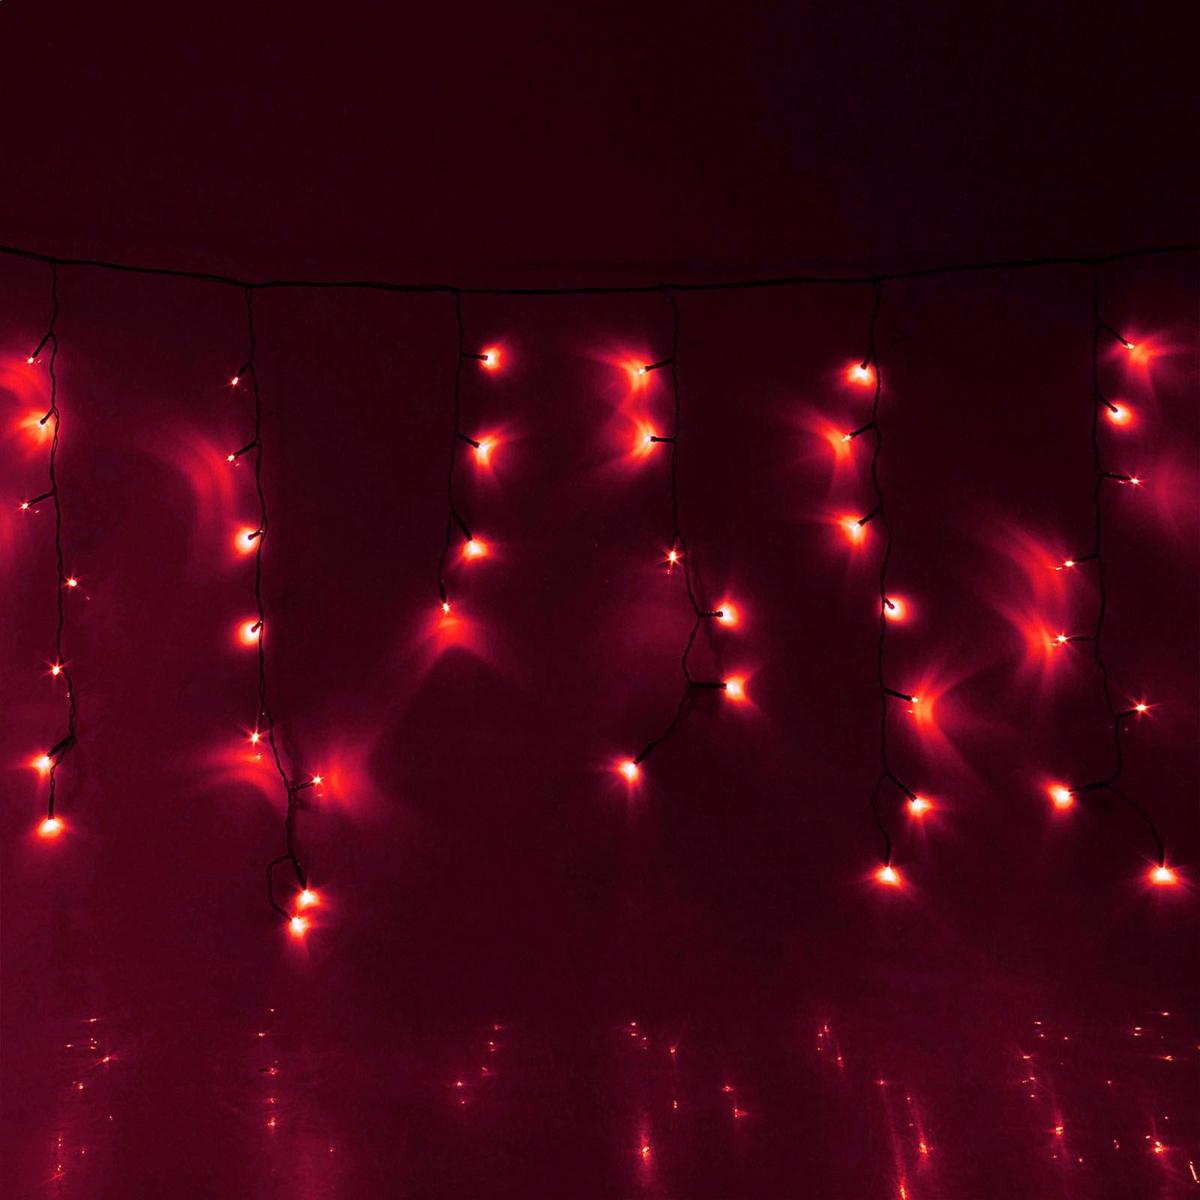 Гирлянда светодиодная Luazon Бахрома, уличная, 8 режимов, 120 ламп, 220 V, цвет: красный, 2 х 0,6 м. 187266187266Светодиодные гирлянды, ленты и т.д — это отличный вариант для новогоднего оформления интерьера или фасада. С их помощью помещение любого размера можно превратить в праздничный зал, а внешние элементы зданий, украшенные ими, мгновенно станут напоминать очертания сказочного дворца. Такие украшения создают ауру предвкушения чуда. Деревья, фасады, витрины, окна и арки будто специально созданы, чтобы вы украсили их светящимися нитями.